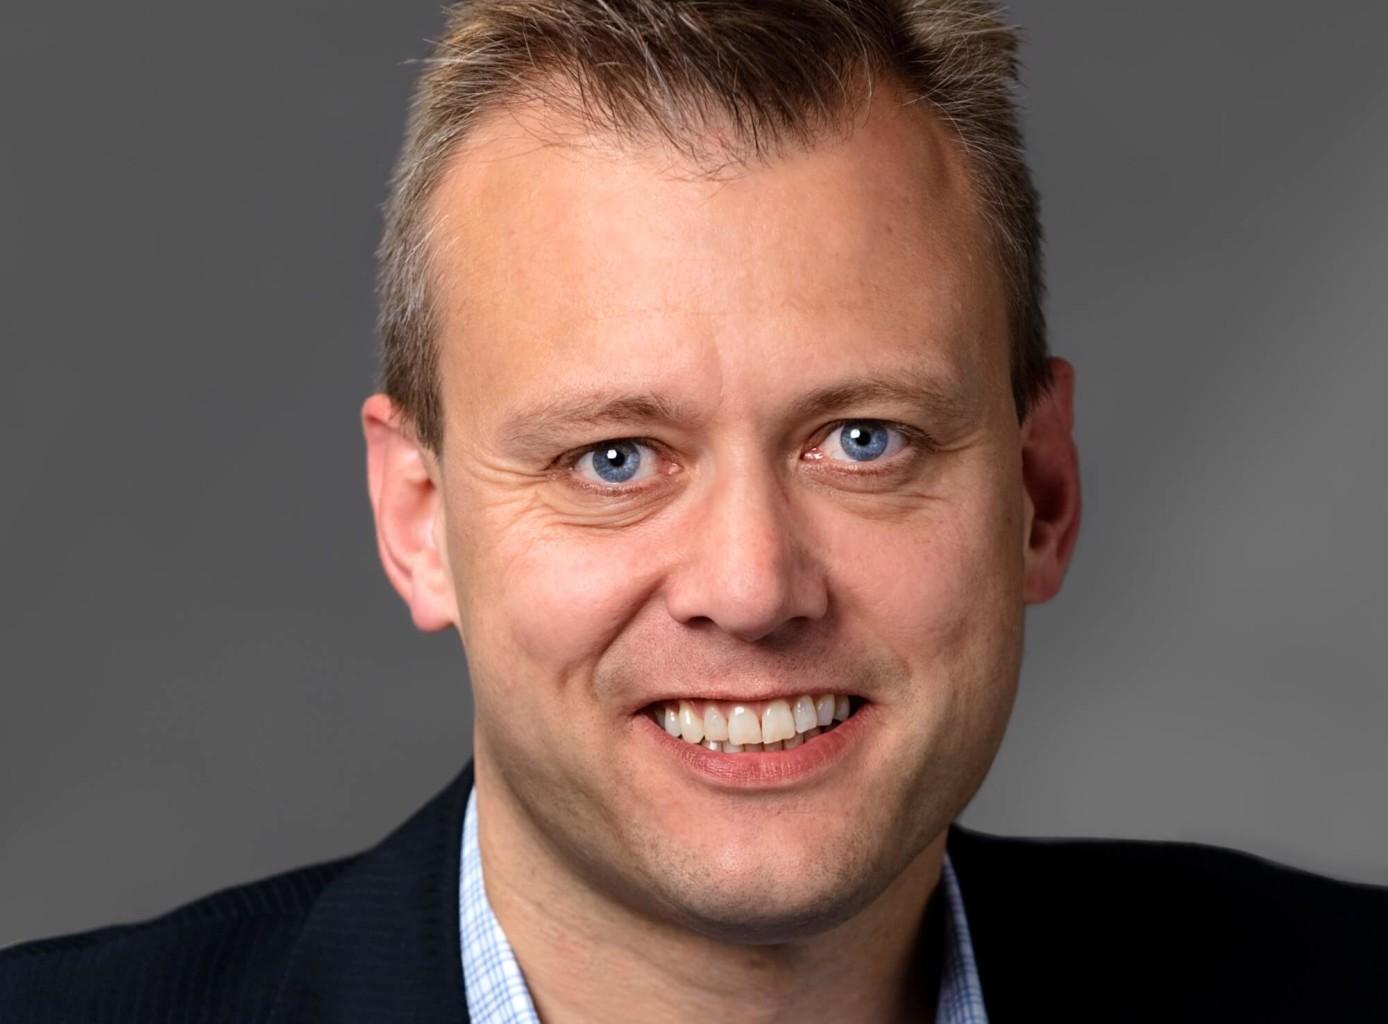 Lars Blumensaadt